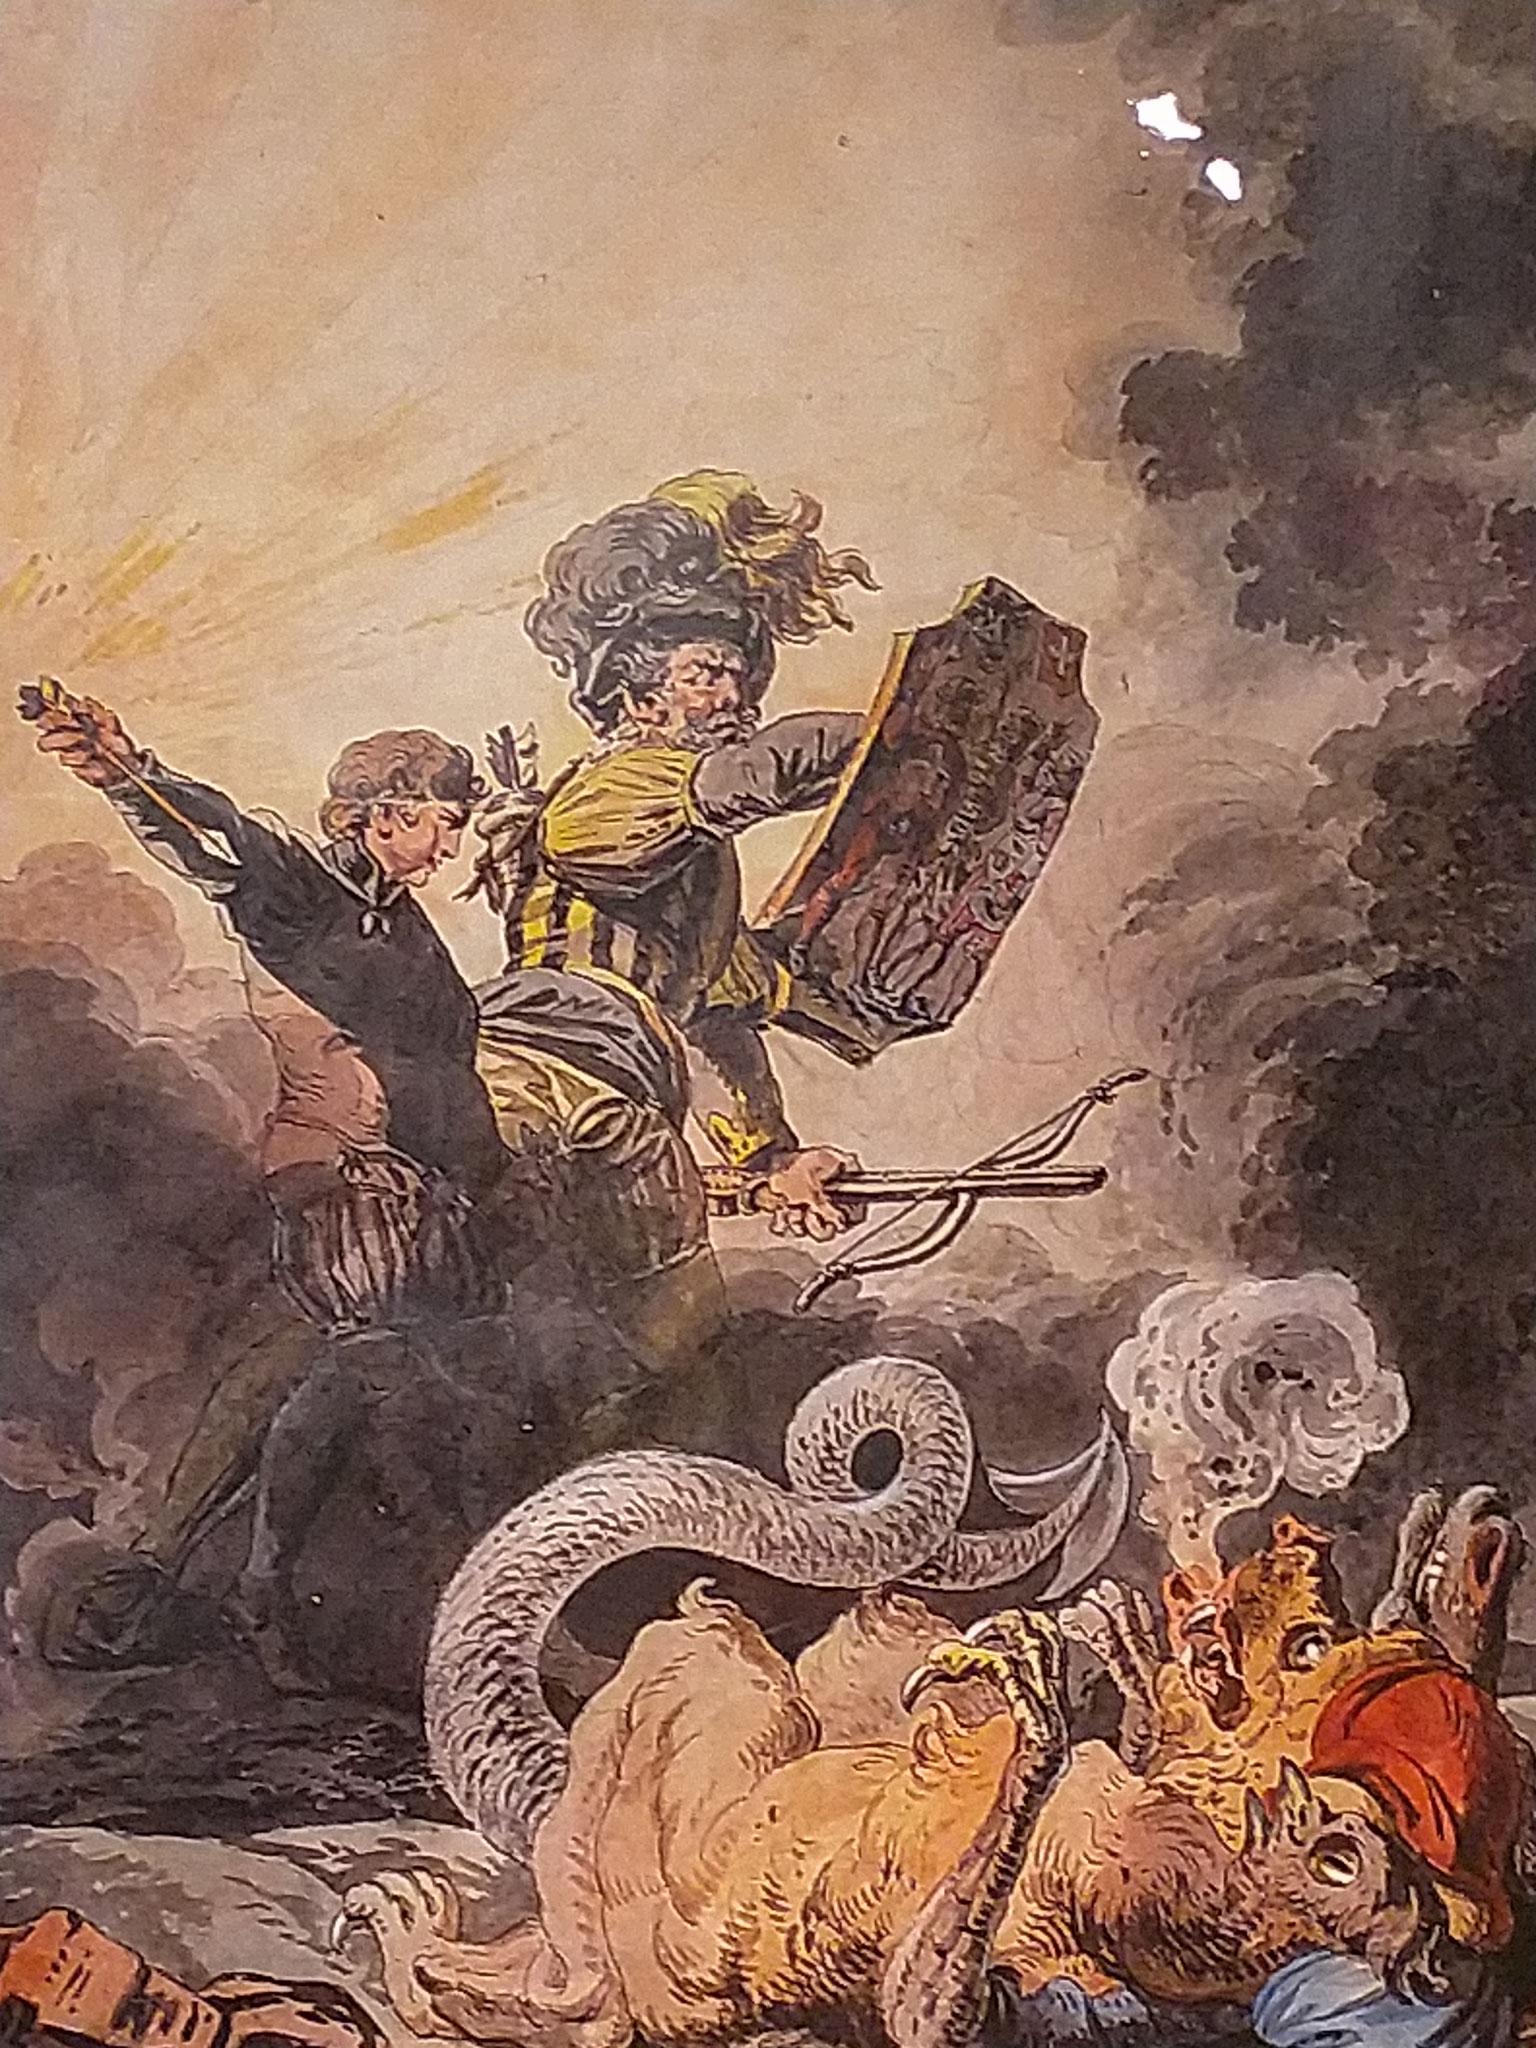 Wilhelm Tell und sein Sohn Walter im Kampf gegen die Französische Revolution. Bild von Balthasar Dunker, allegorische Darstellung des Untergangs der alten Eidgenossenschaft.